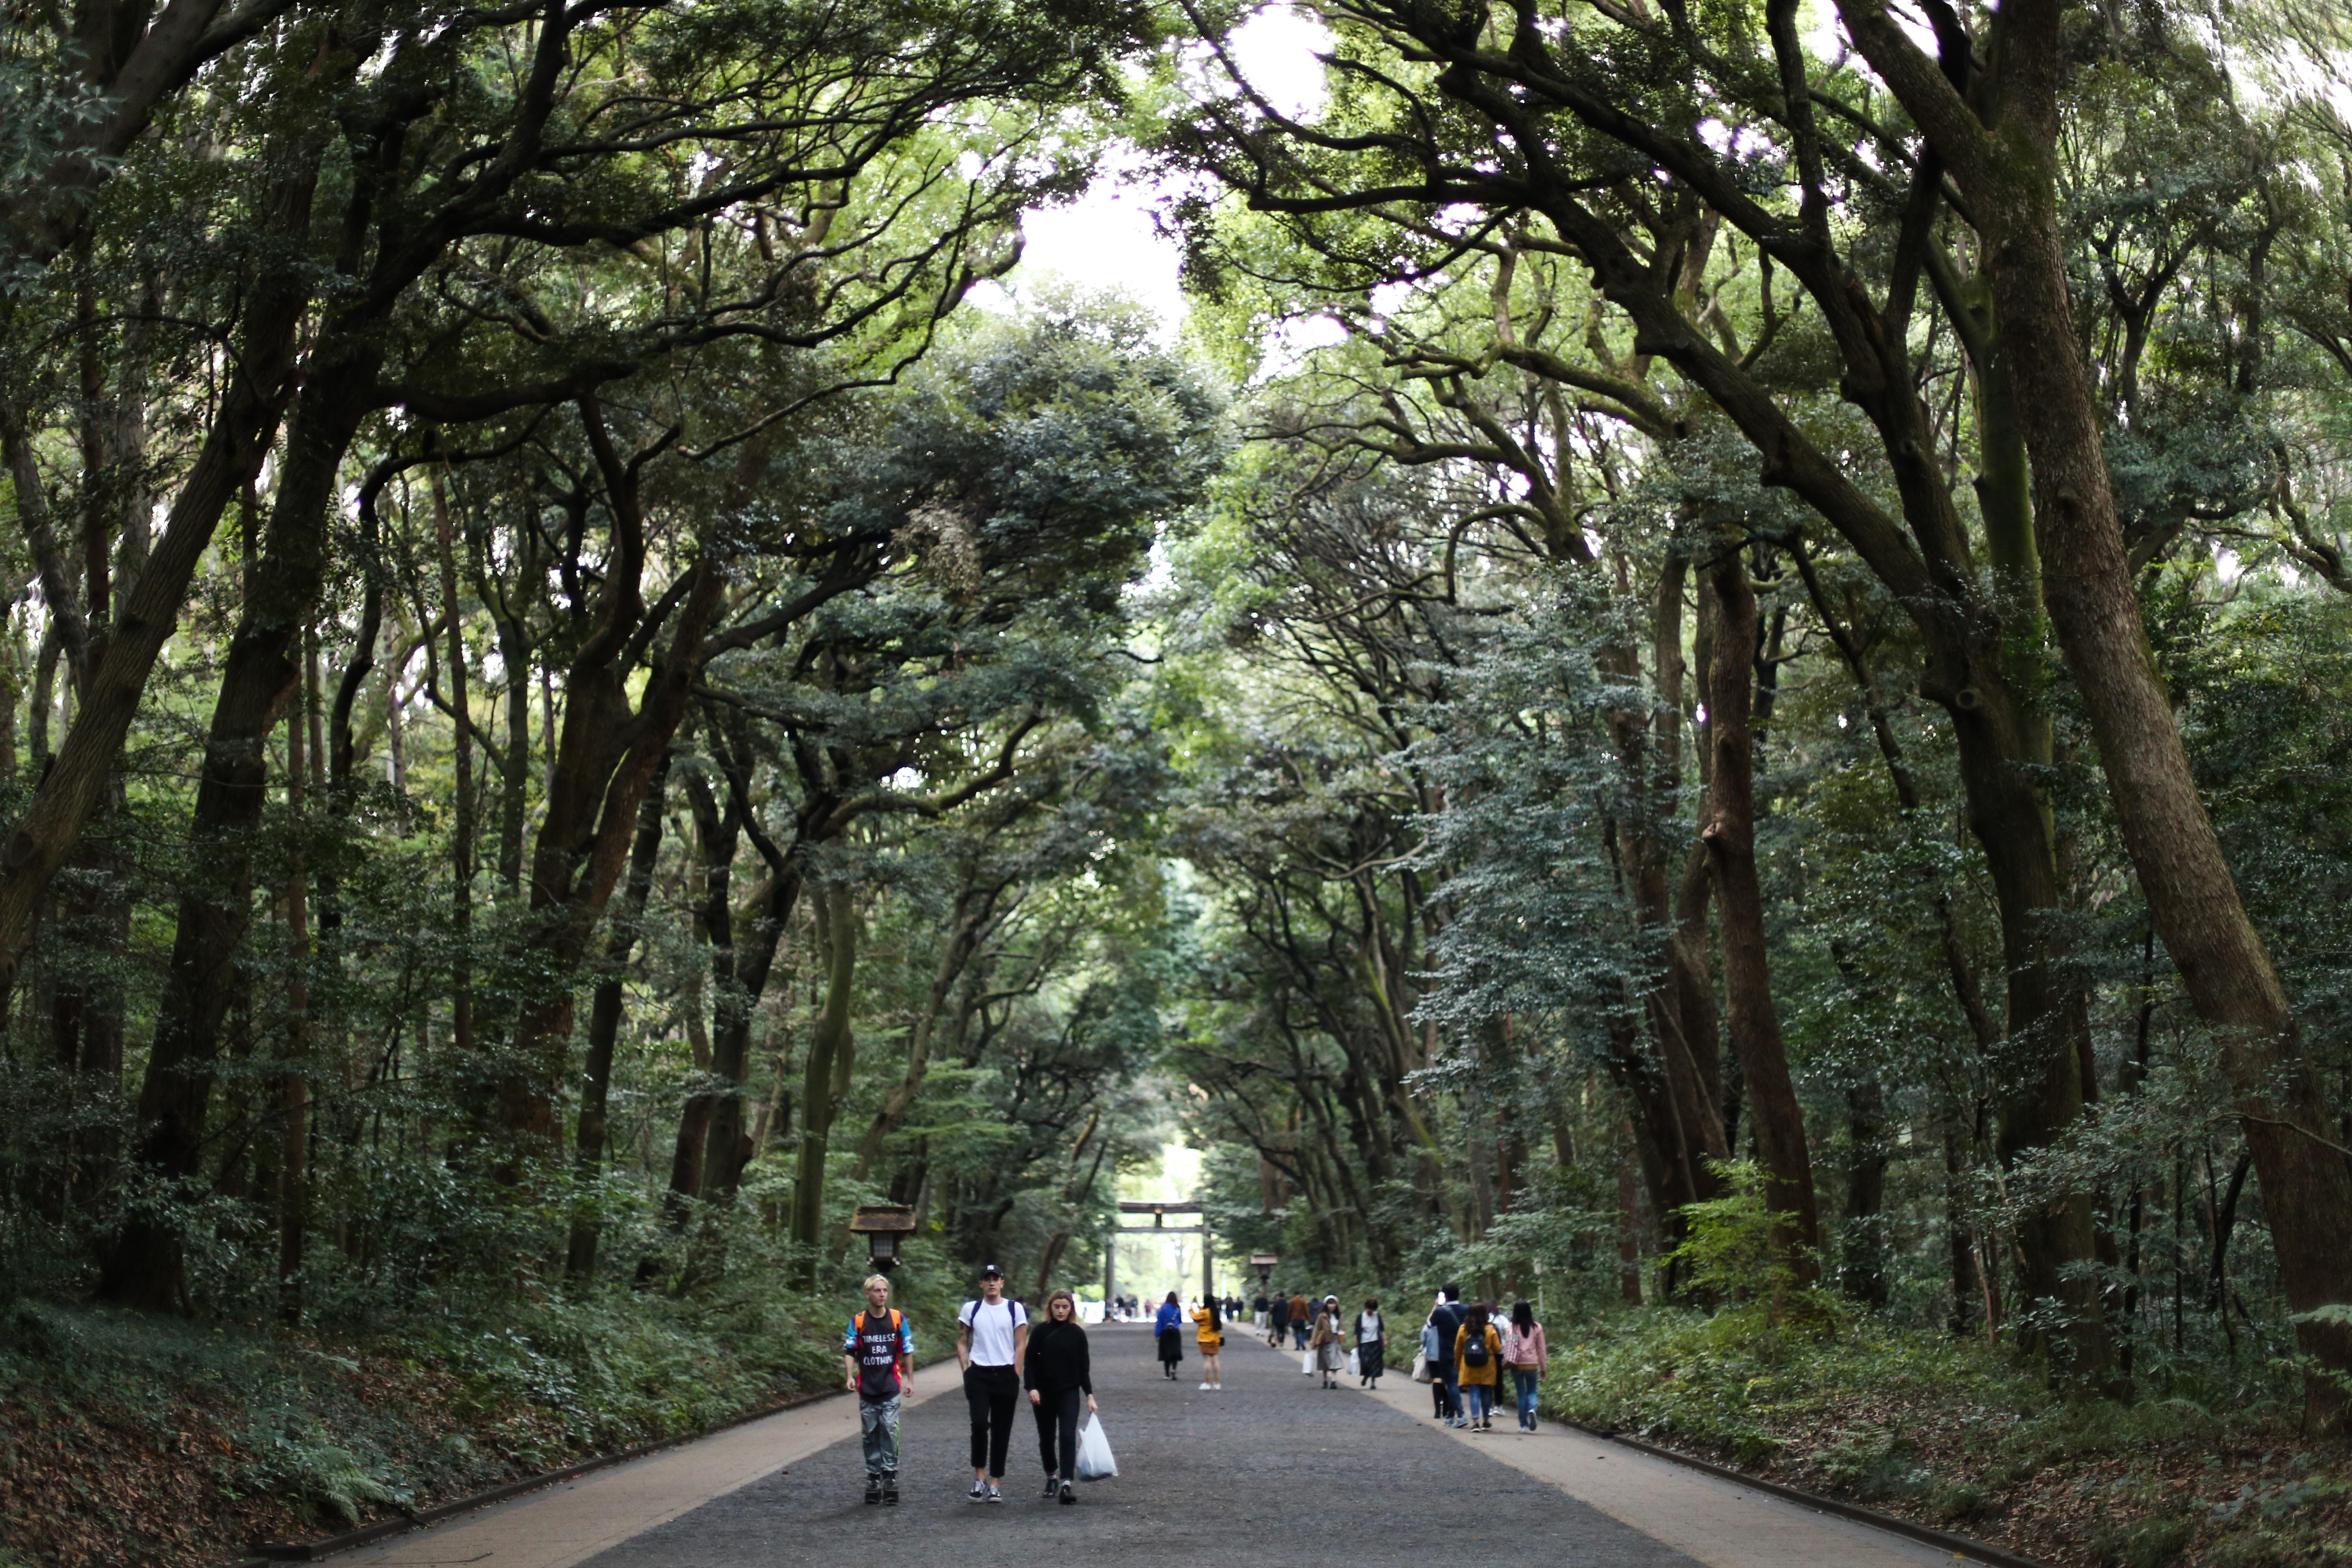 people walking between trees